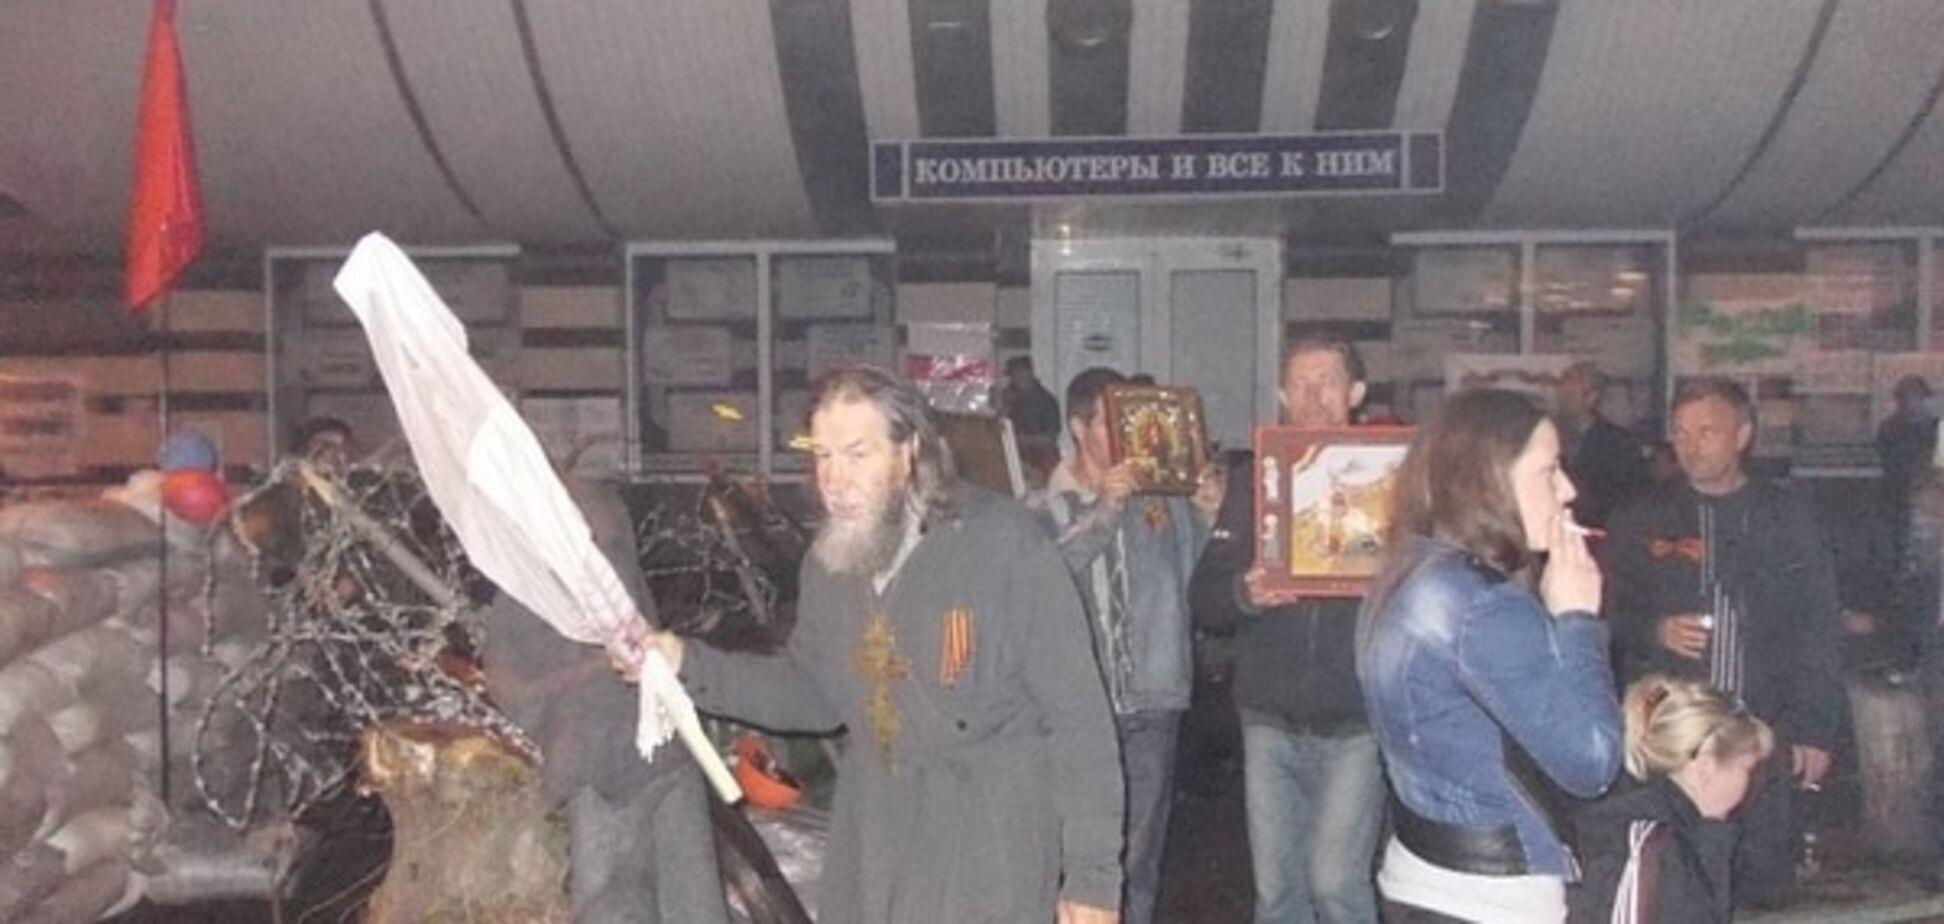 Это успех! Российский журналист перепутал фото Луганска с родиной